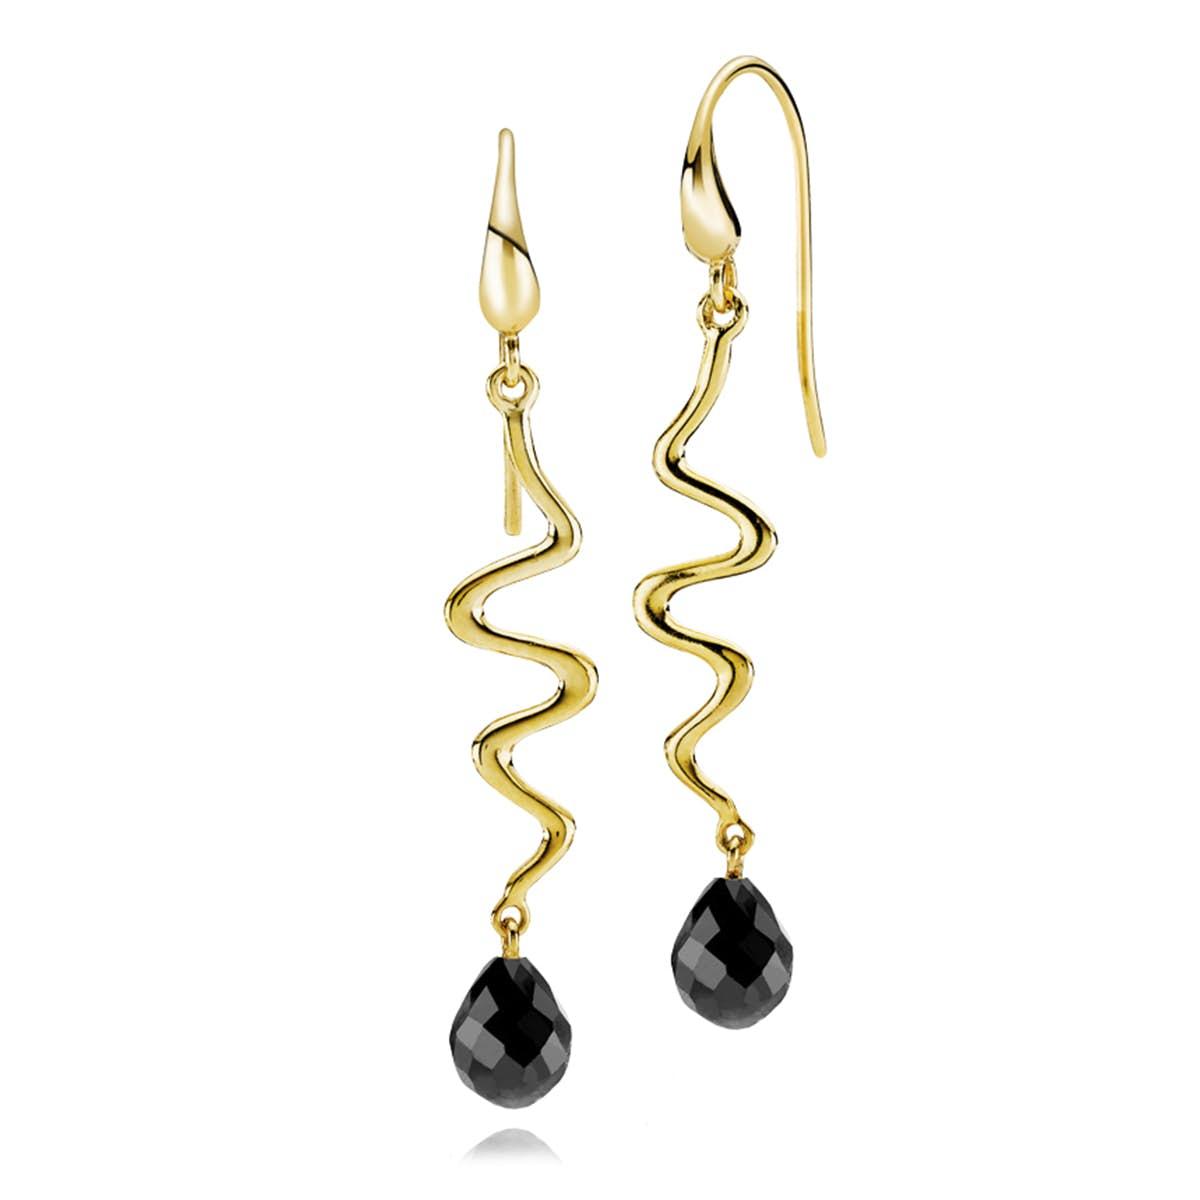 Saniya Earrings Black Onyx von Izabel Camille in Vergoldet-Silber Sterling 925